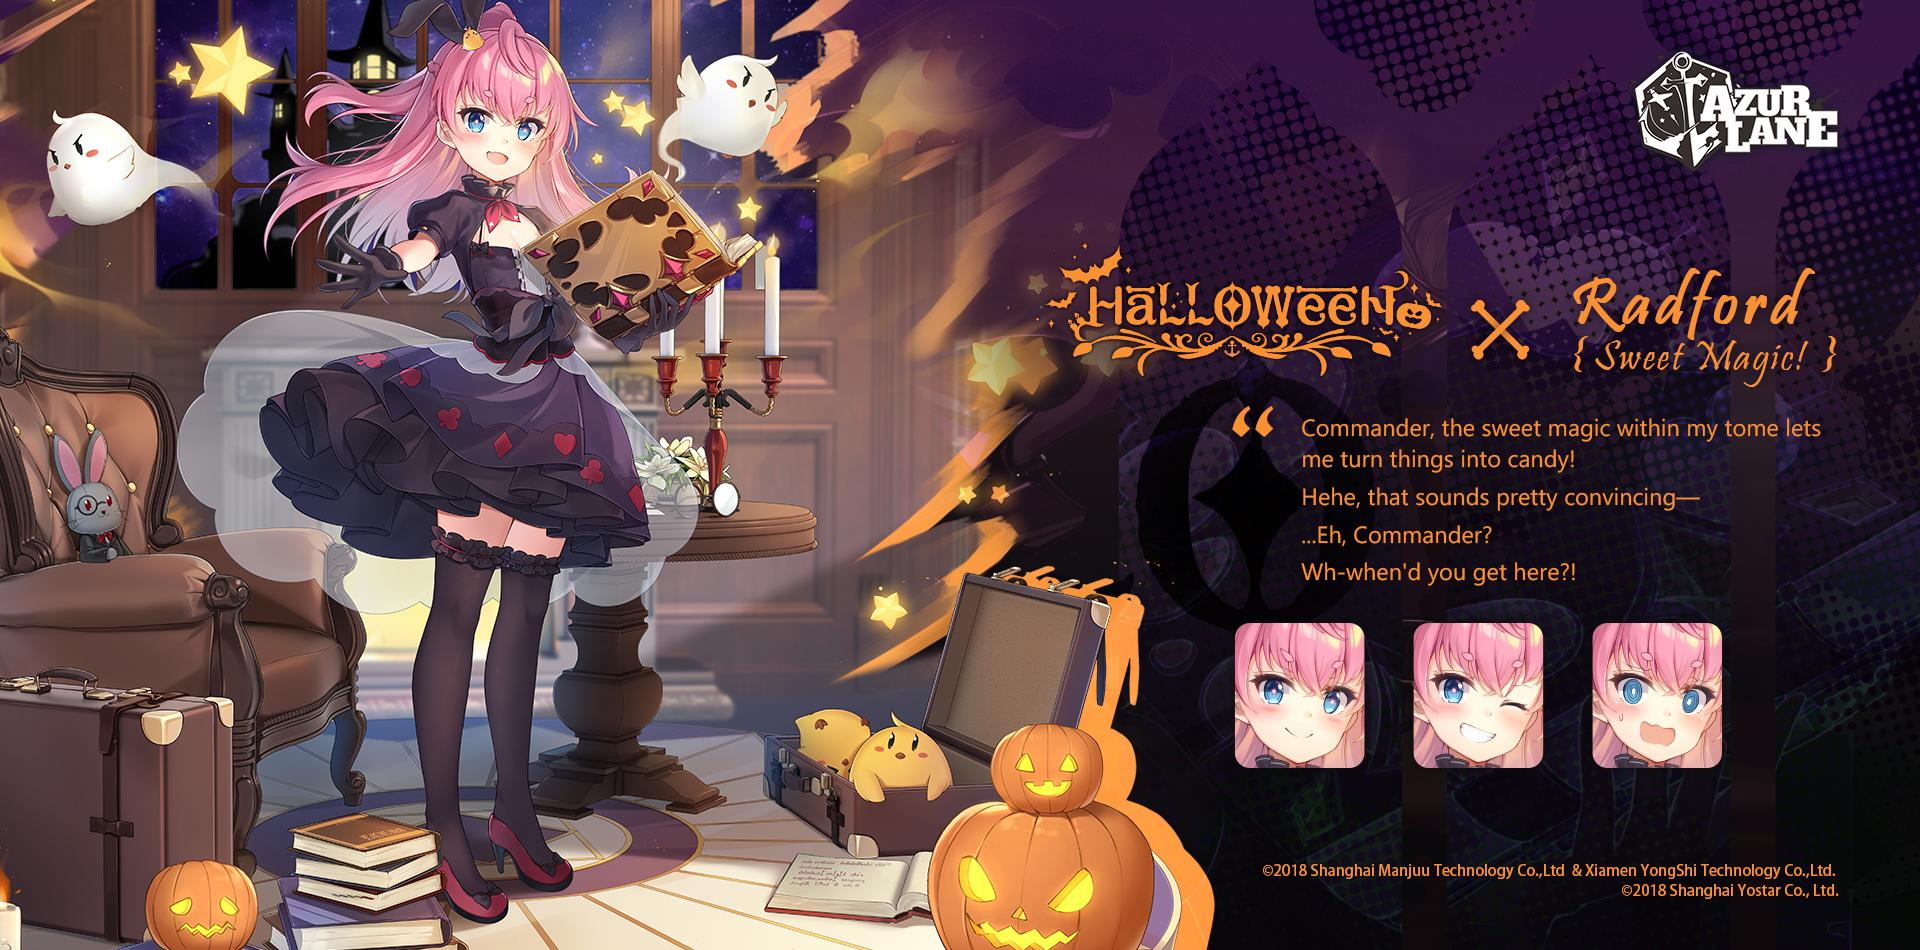 El 'Halloween Chaos Rerun' de Azur Lane Trae Nuevos Disfraces y Cosas Interesantes